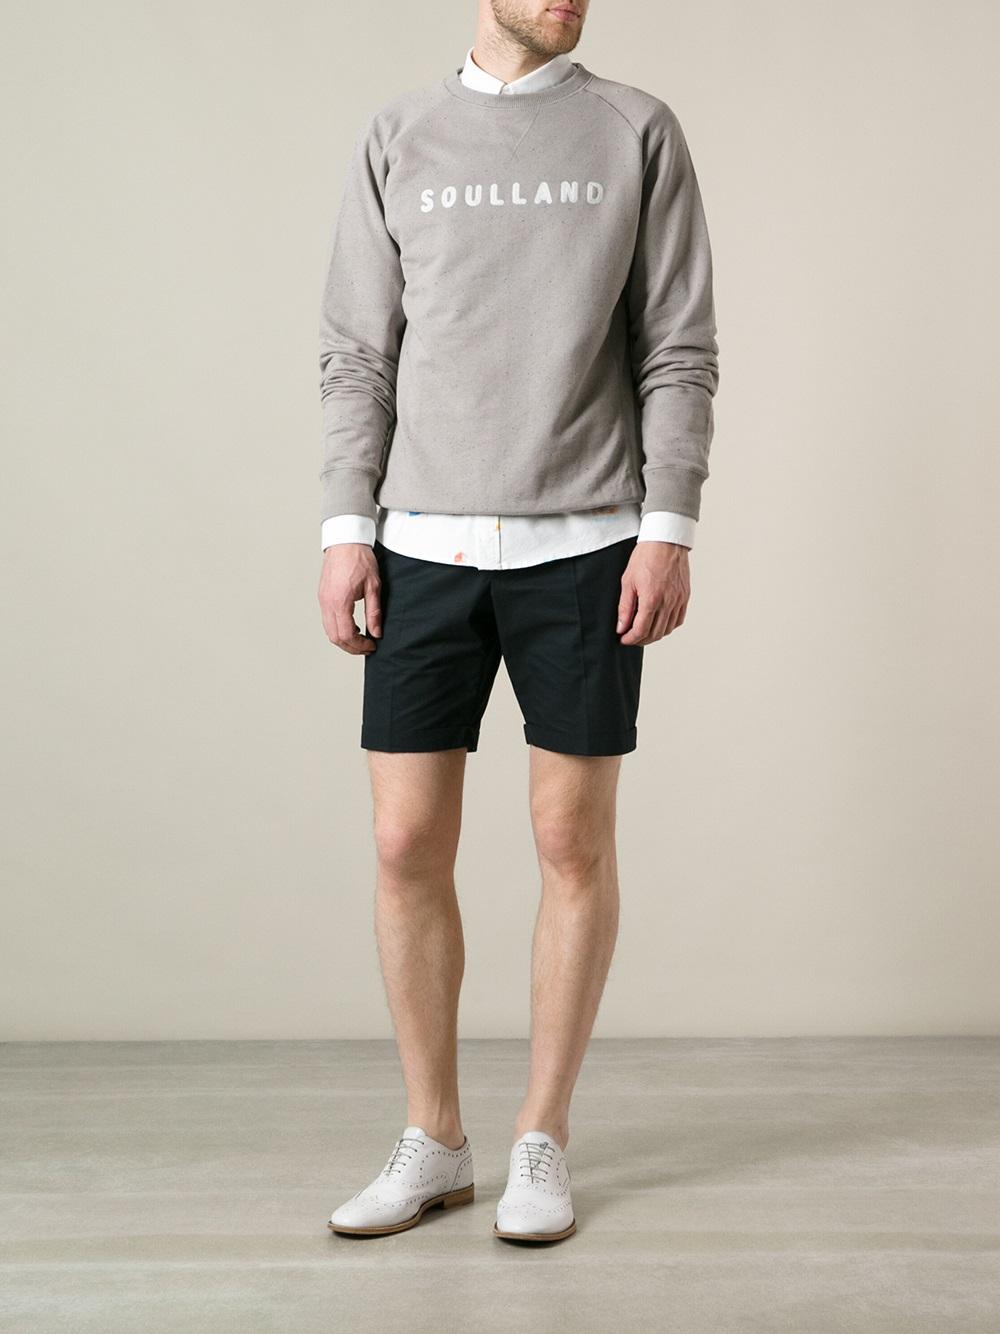 Soulland Capitals Sweatshirt in Grey (Grey) for Men